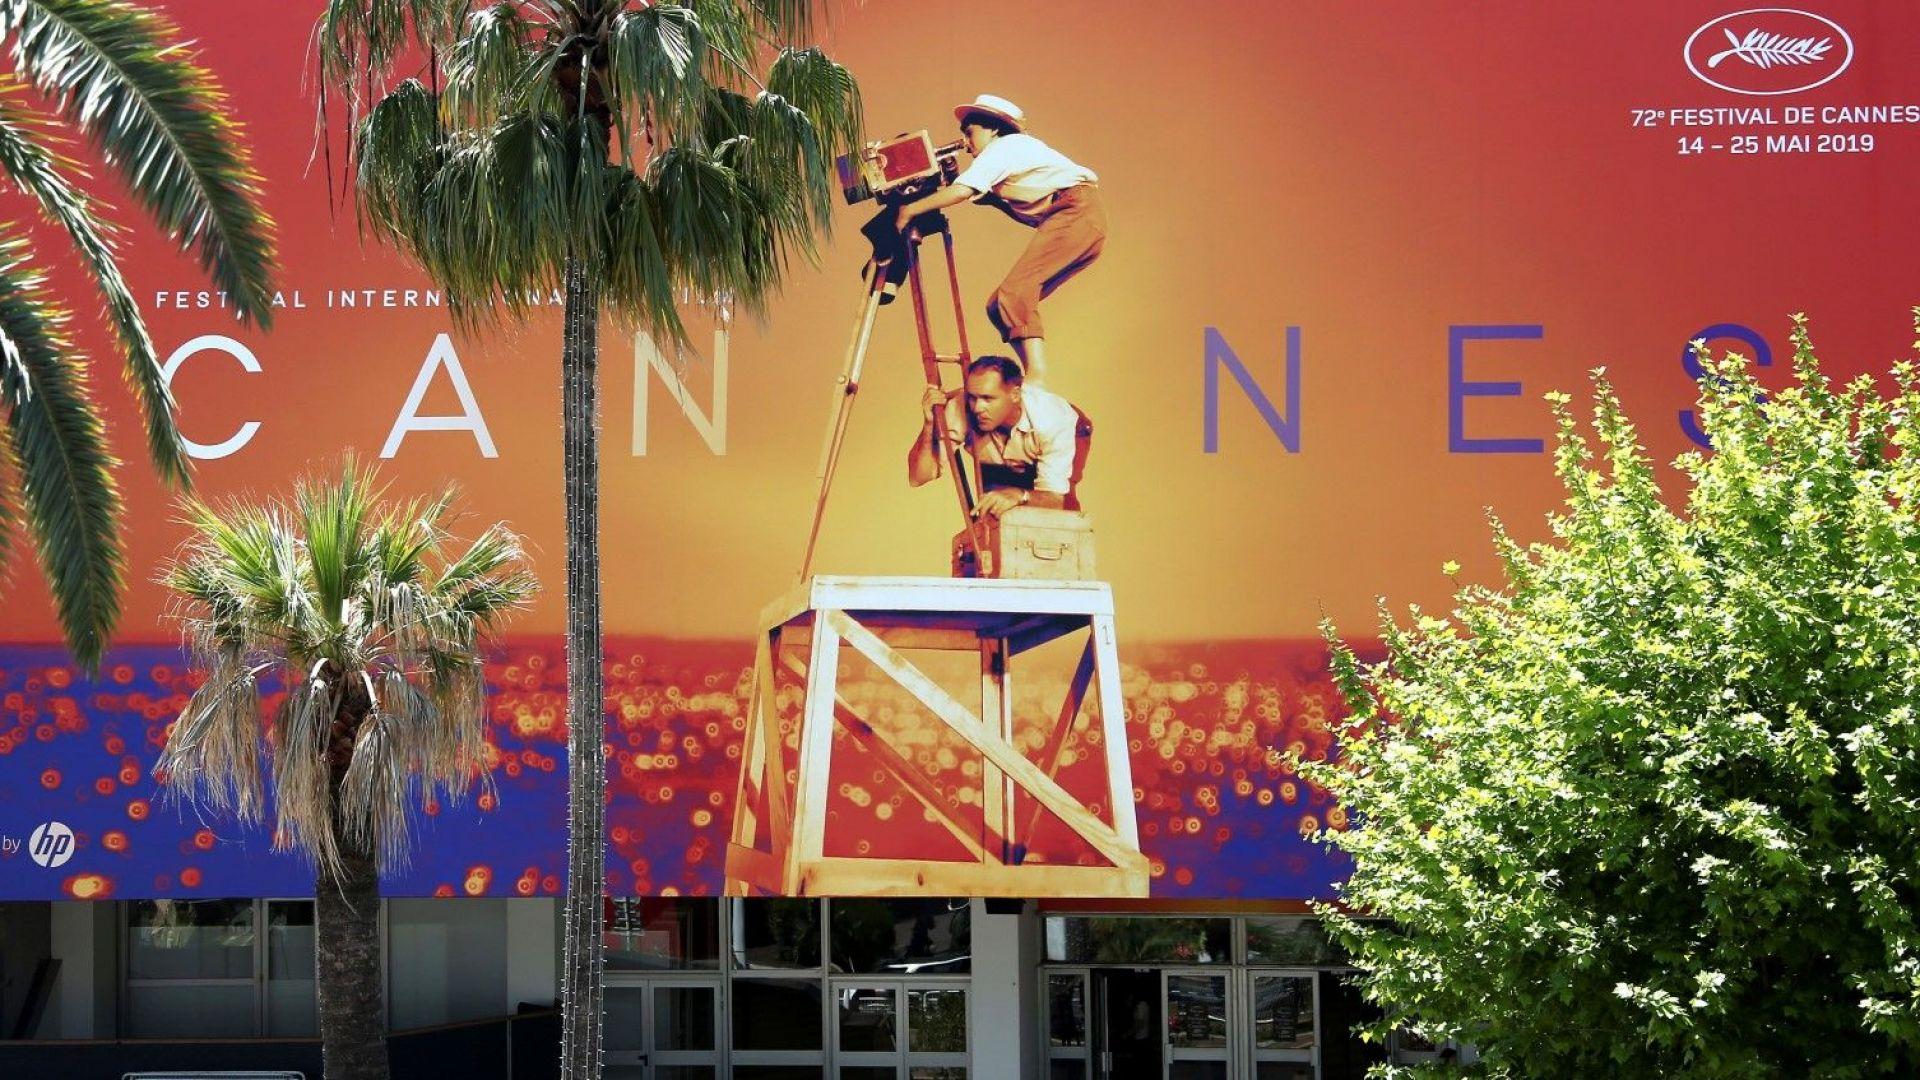 Откриват фестивала в Кан с филм на Джим Джармуш